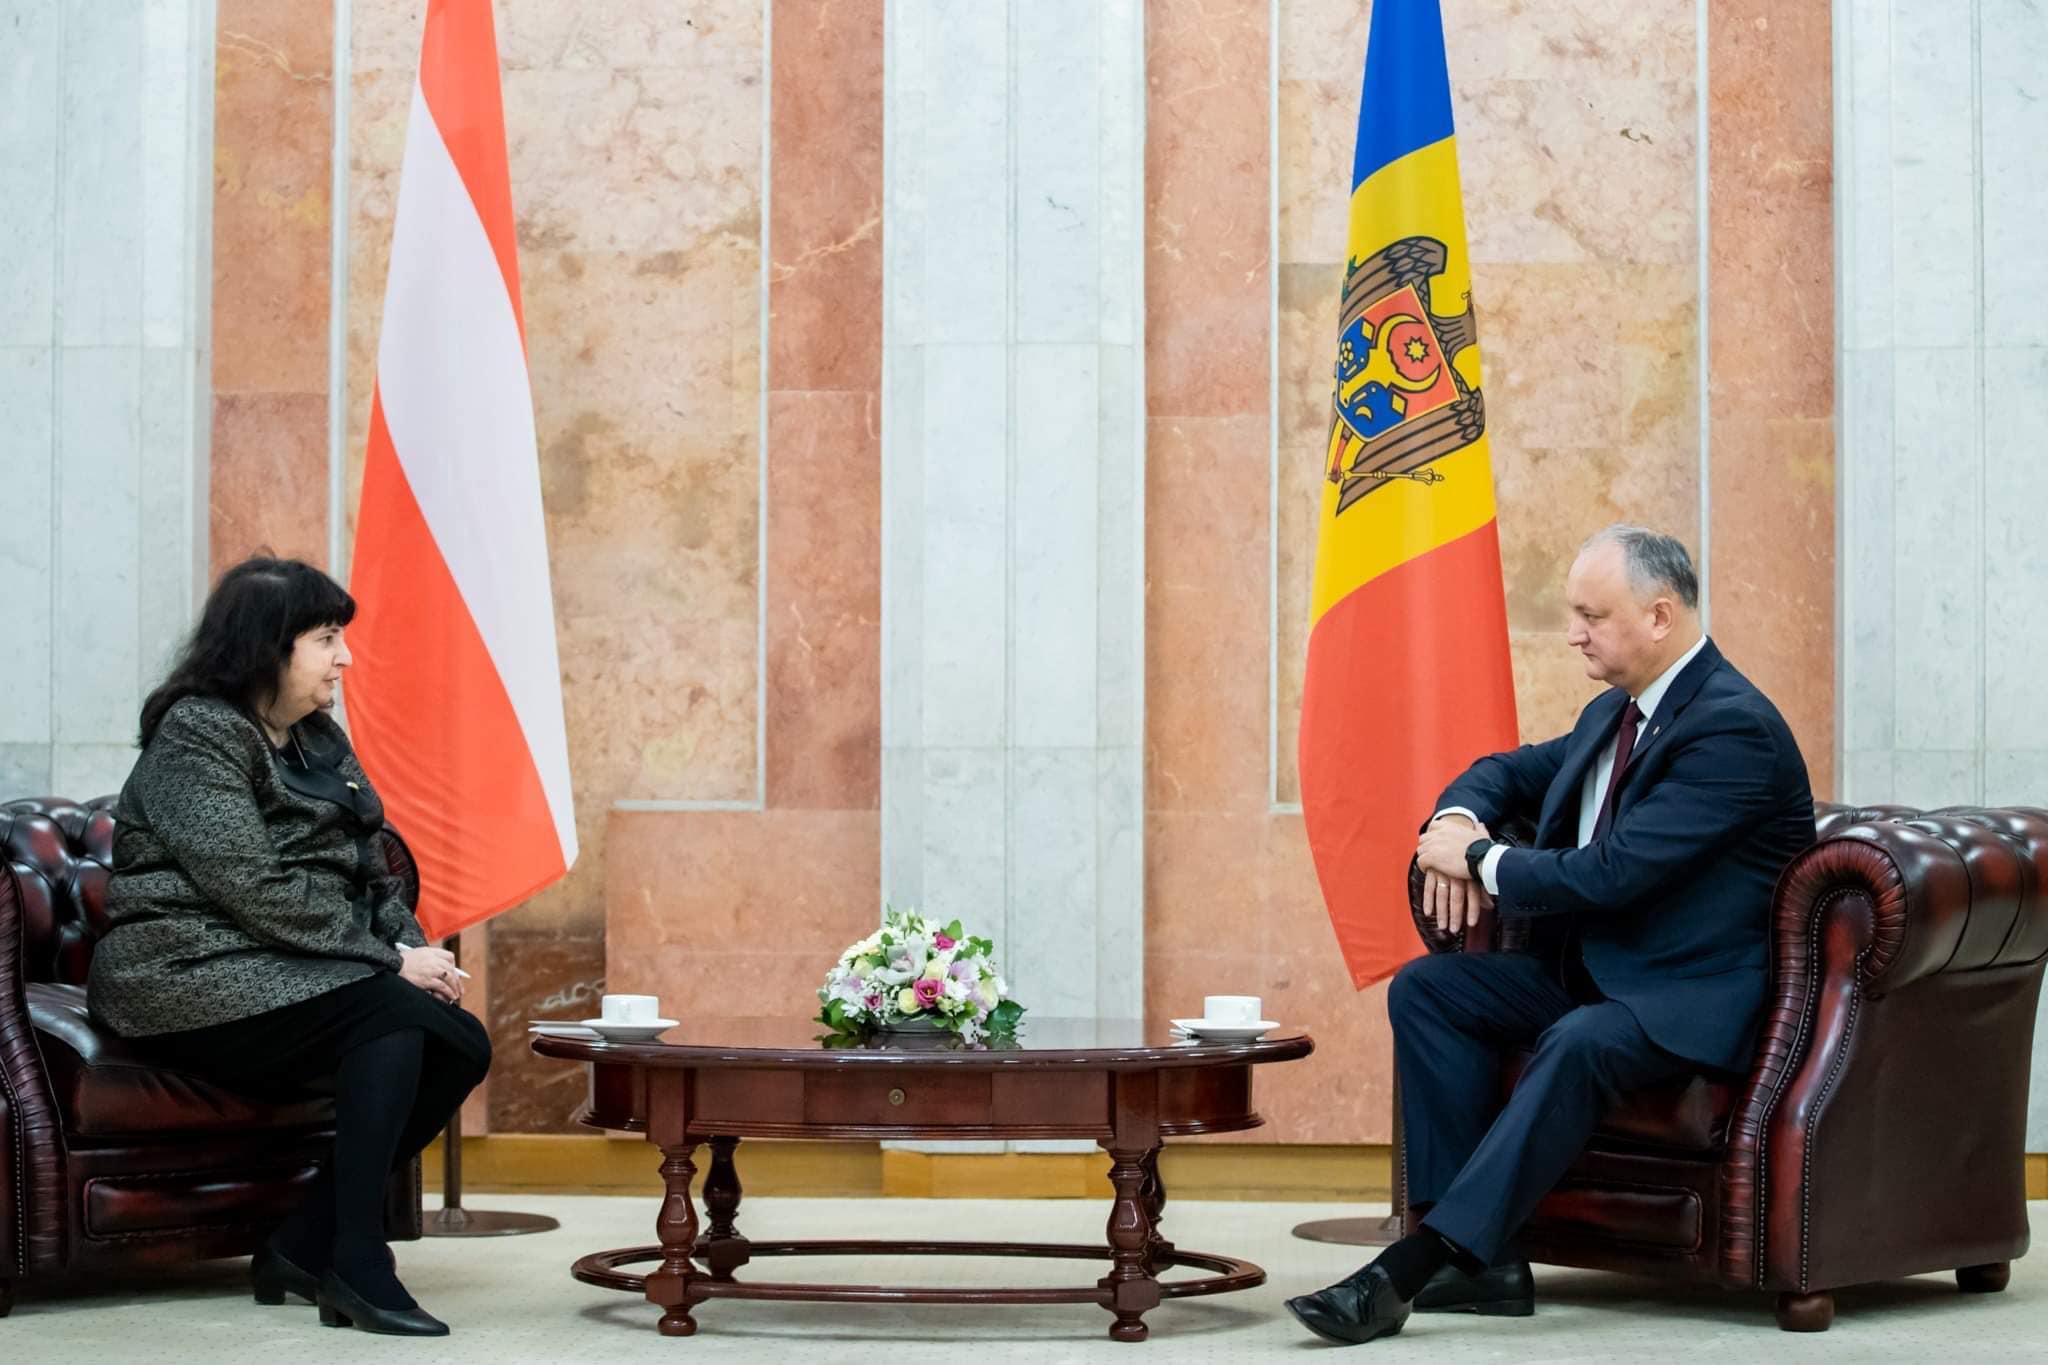 Додон выступил за увеличение объемов двусторонней торговли и за диверсификацию экономического сотрудничества с Австрией (ФОТО)